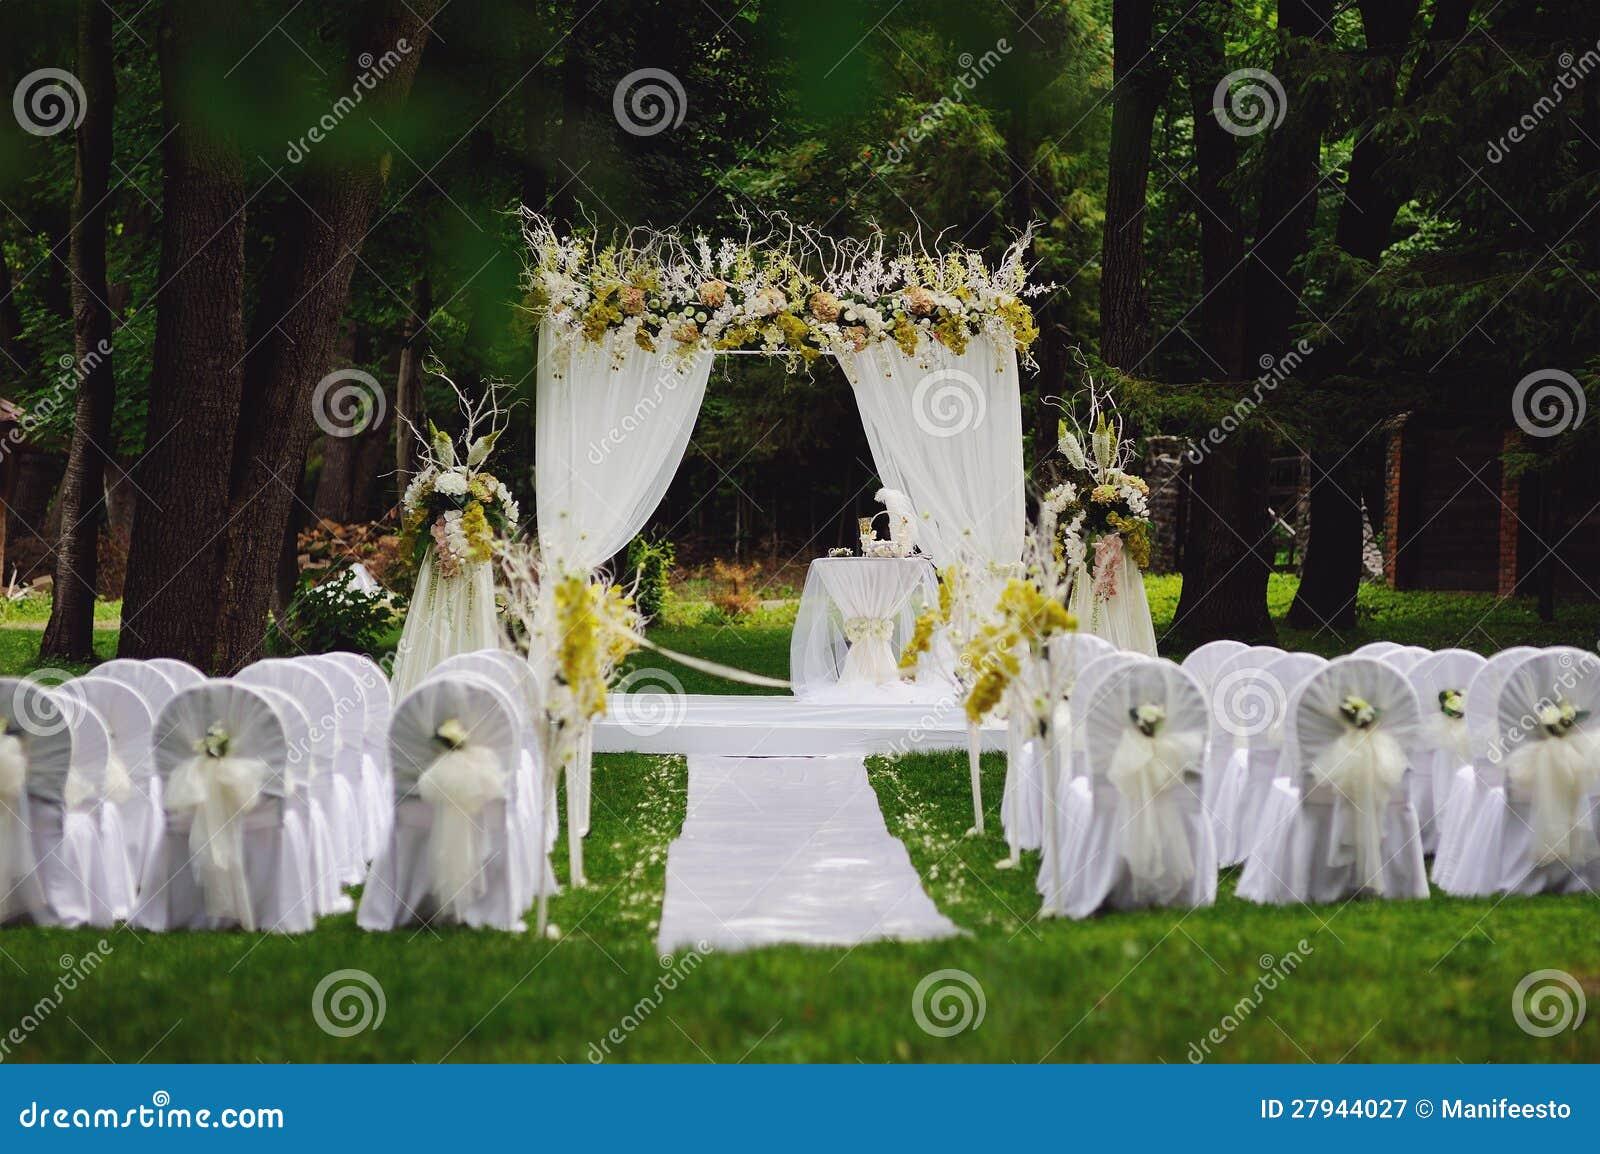 Ceremonia de boda en jard n fotograf a de archivo libre de - Decoracion de jardines para bodas ...